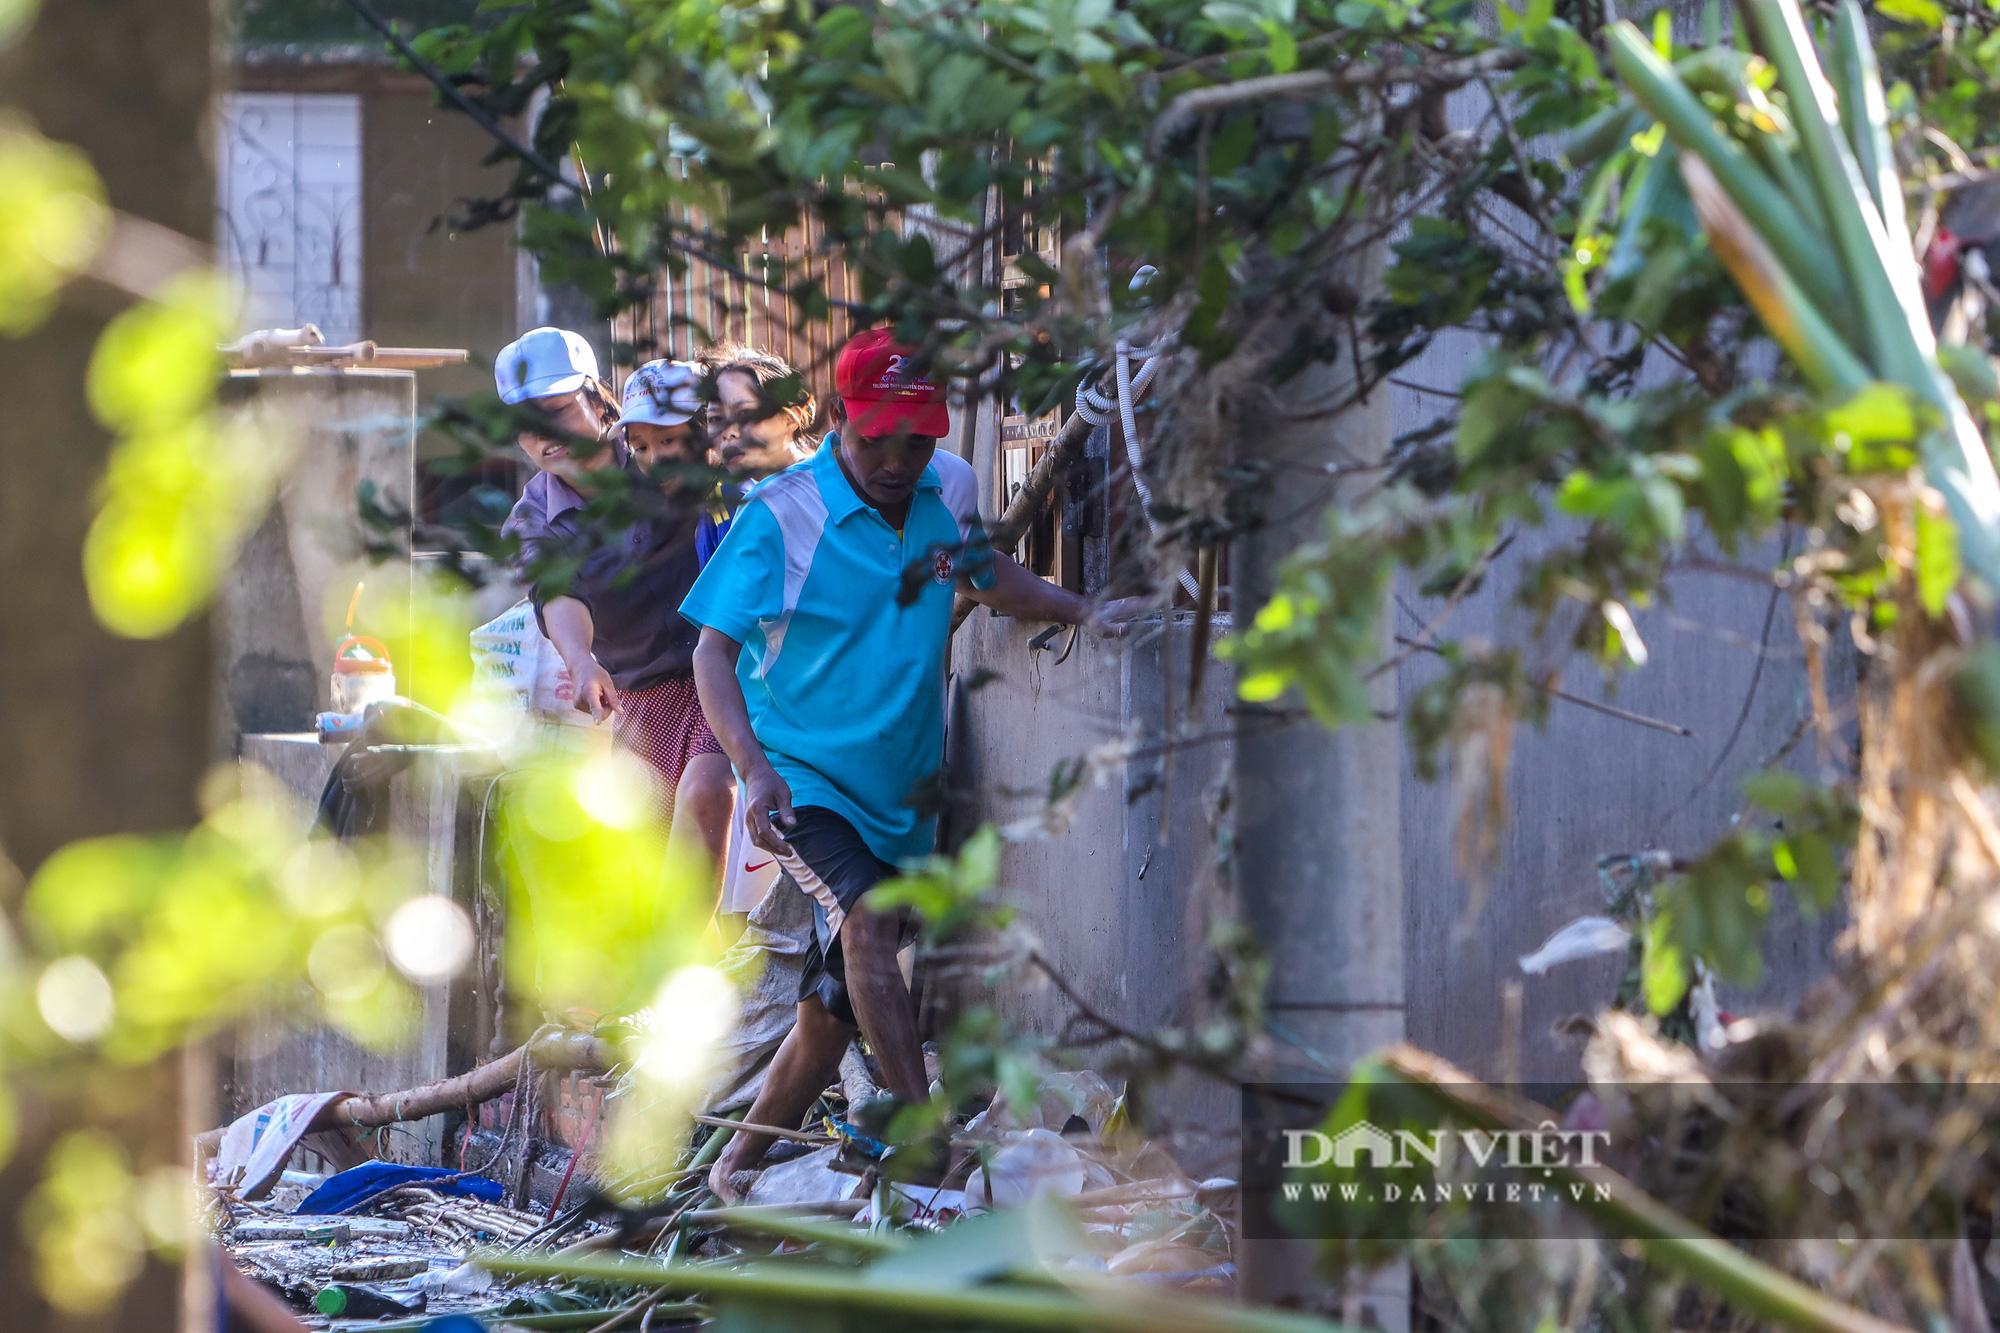 Nhà 30 người mắc kẹt trong lũ Quảng Bình vỡ òa khi có đoàn tiếp tế - Ảnh 12.